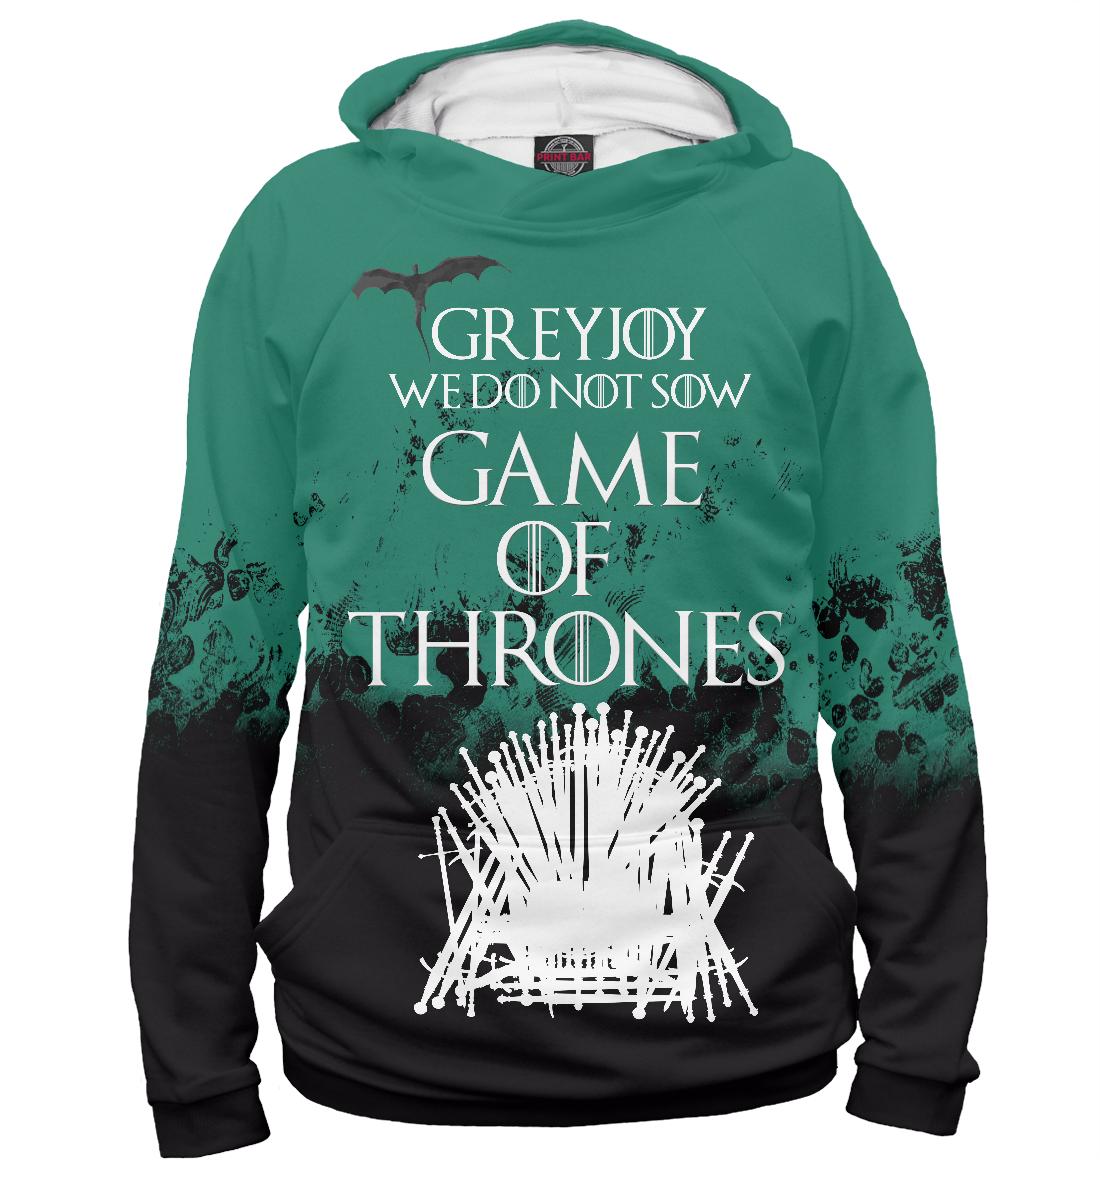 Купить Game of thrones-Greyjoy, Printbar, Худи, IGR-387337-hud-1